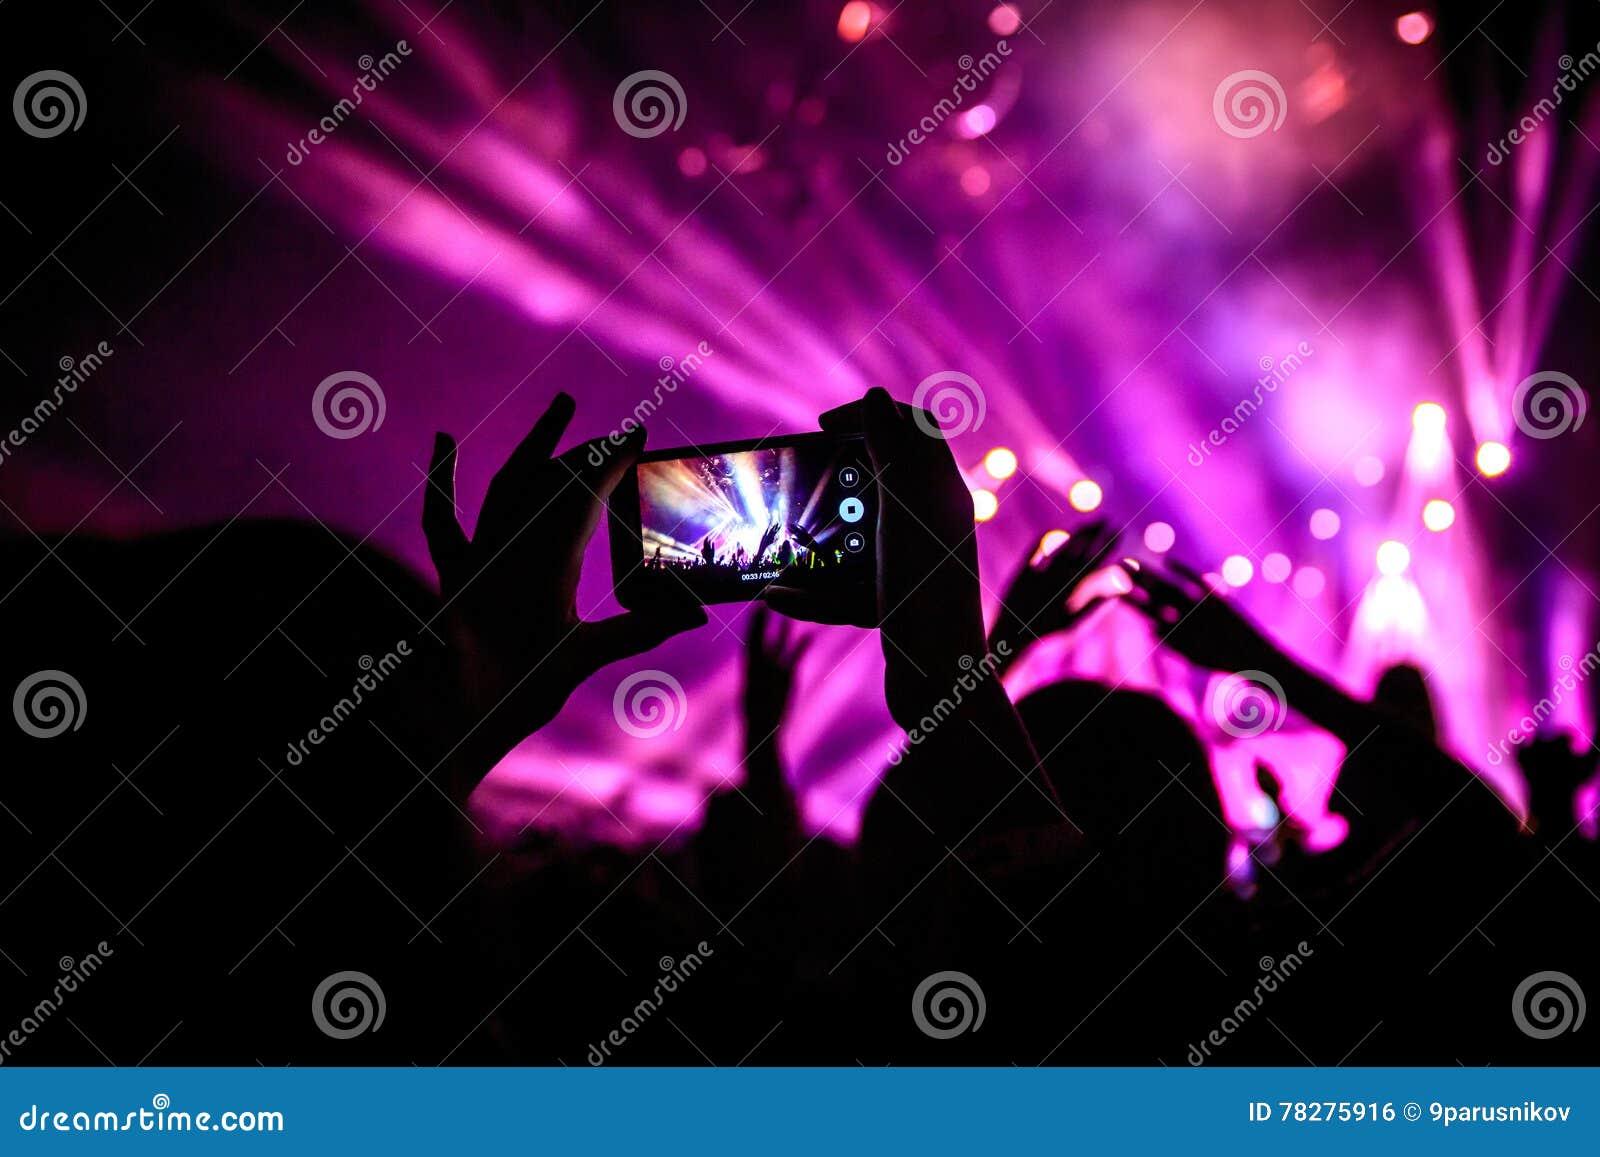 La main avec un smartphone enregistre le festival de musique en direct, prenant la photo de l étape de concert